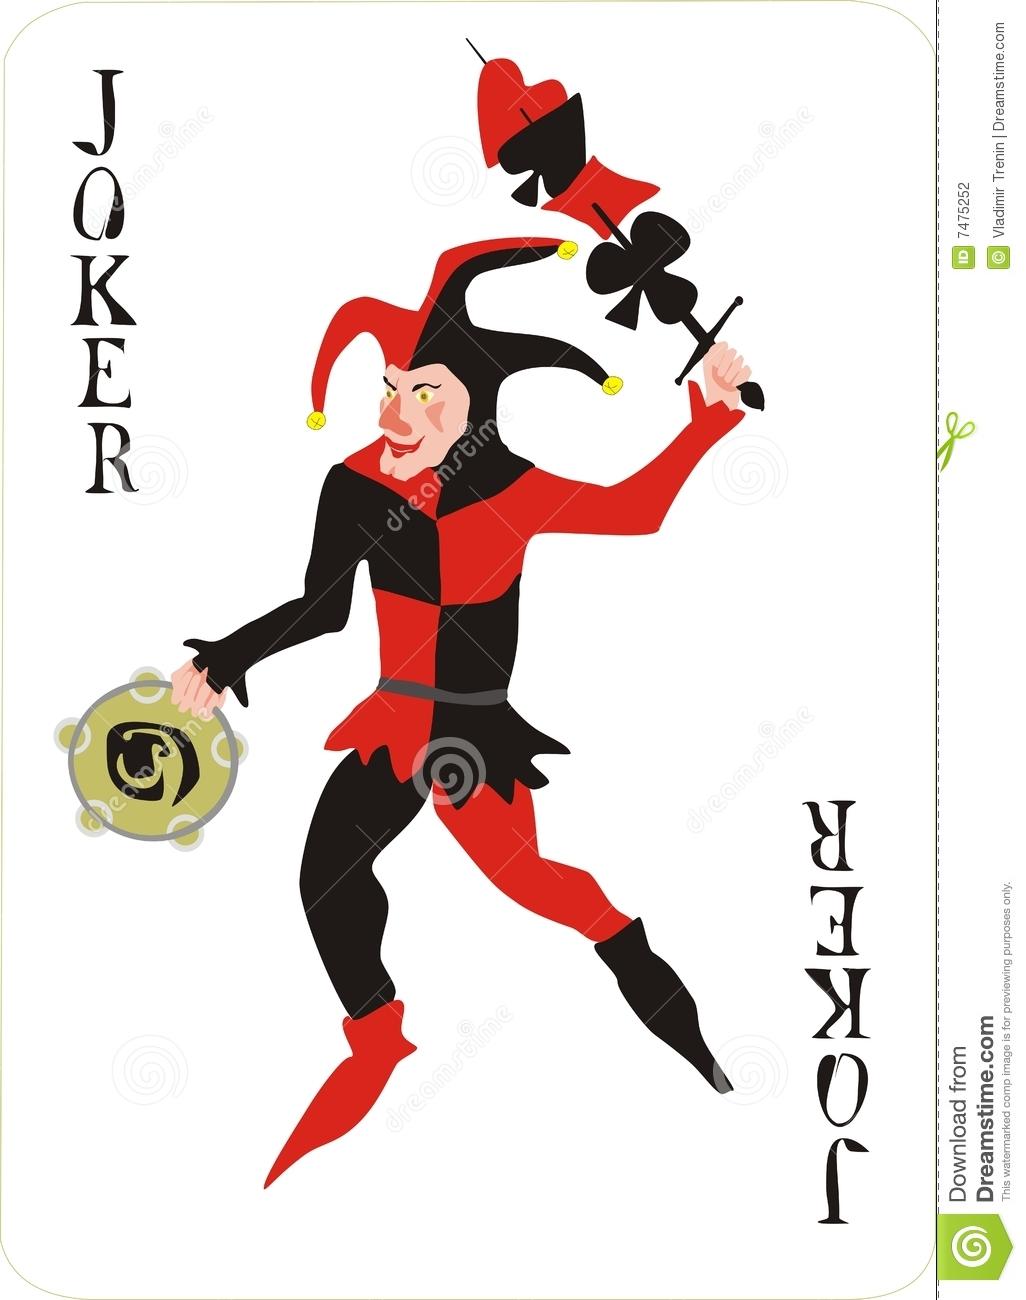 Joker clipart old cartoon Card card & Pie Joker